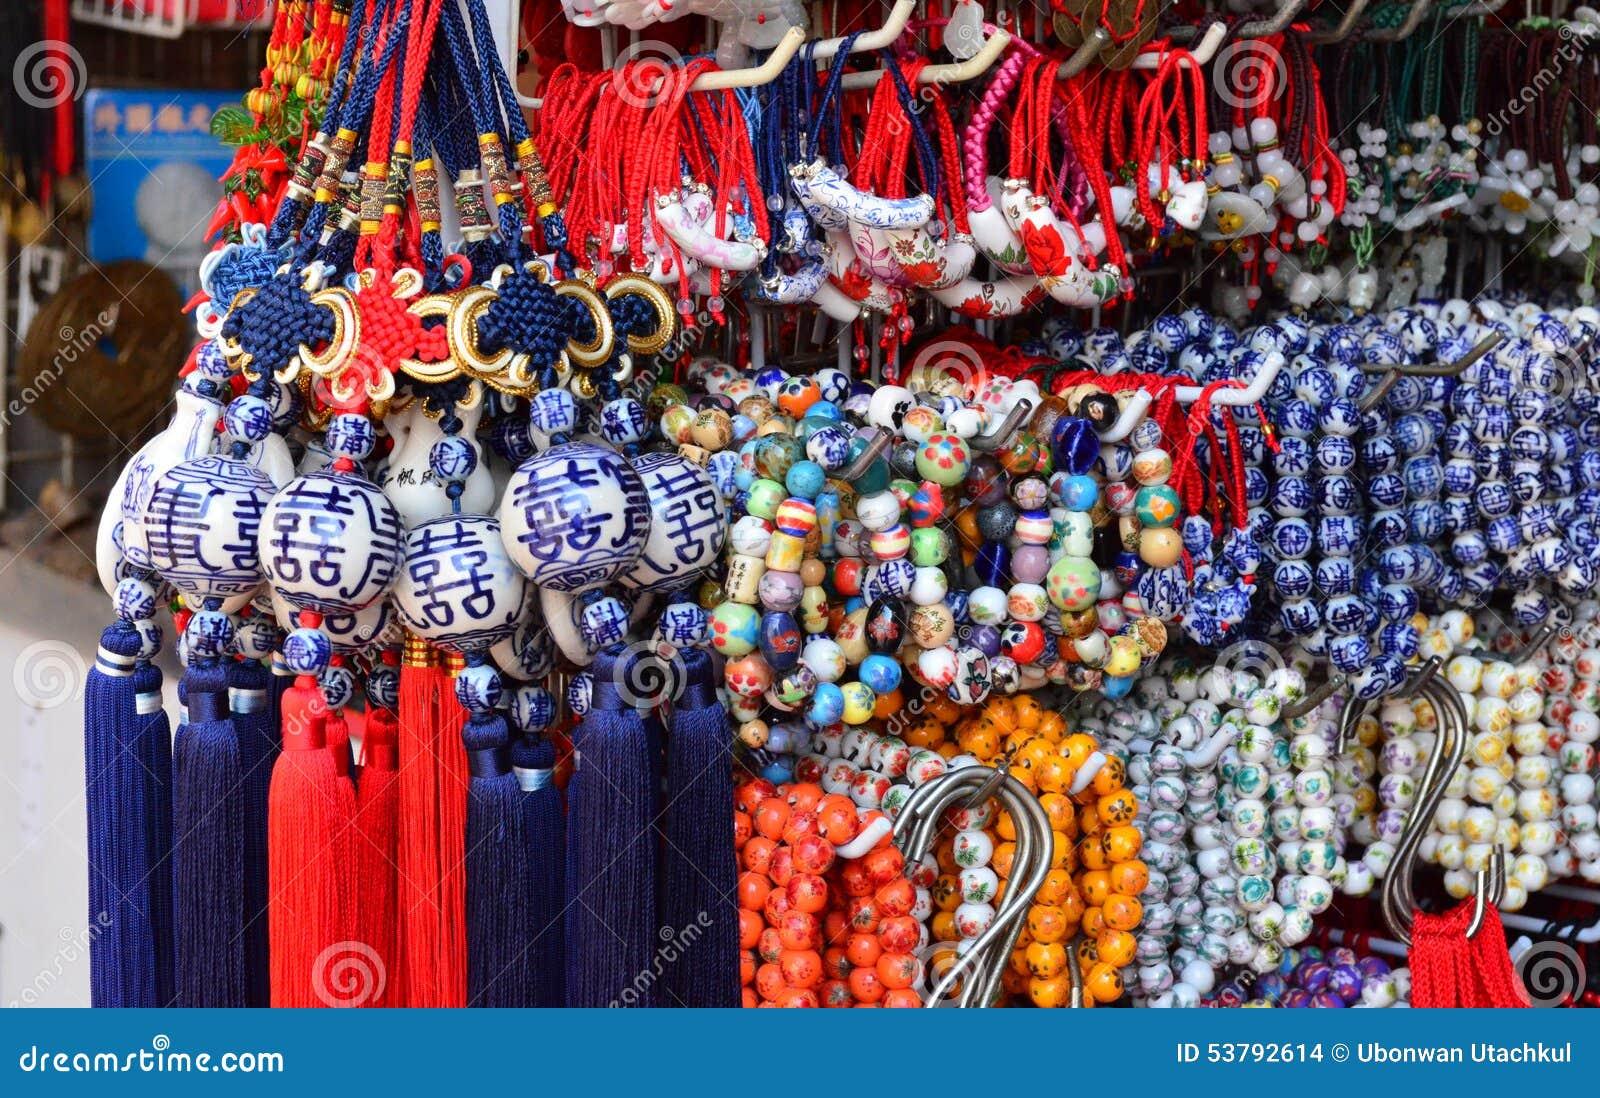 Chiński amulet